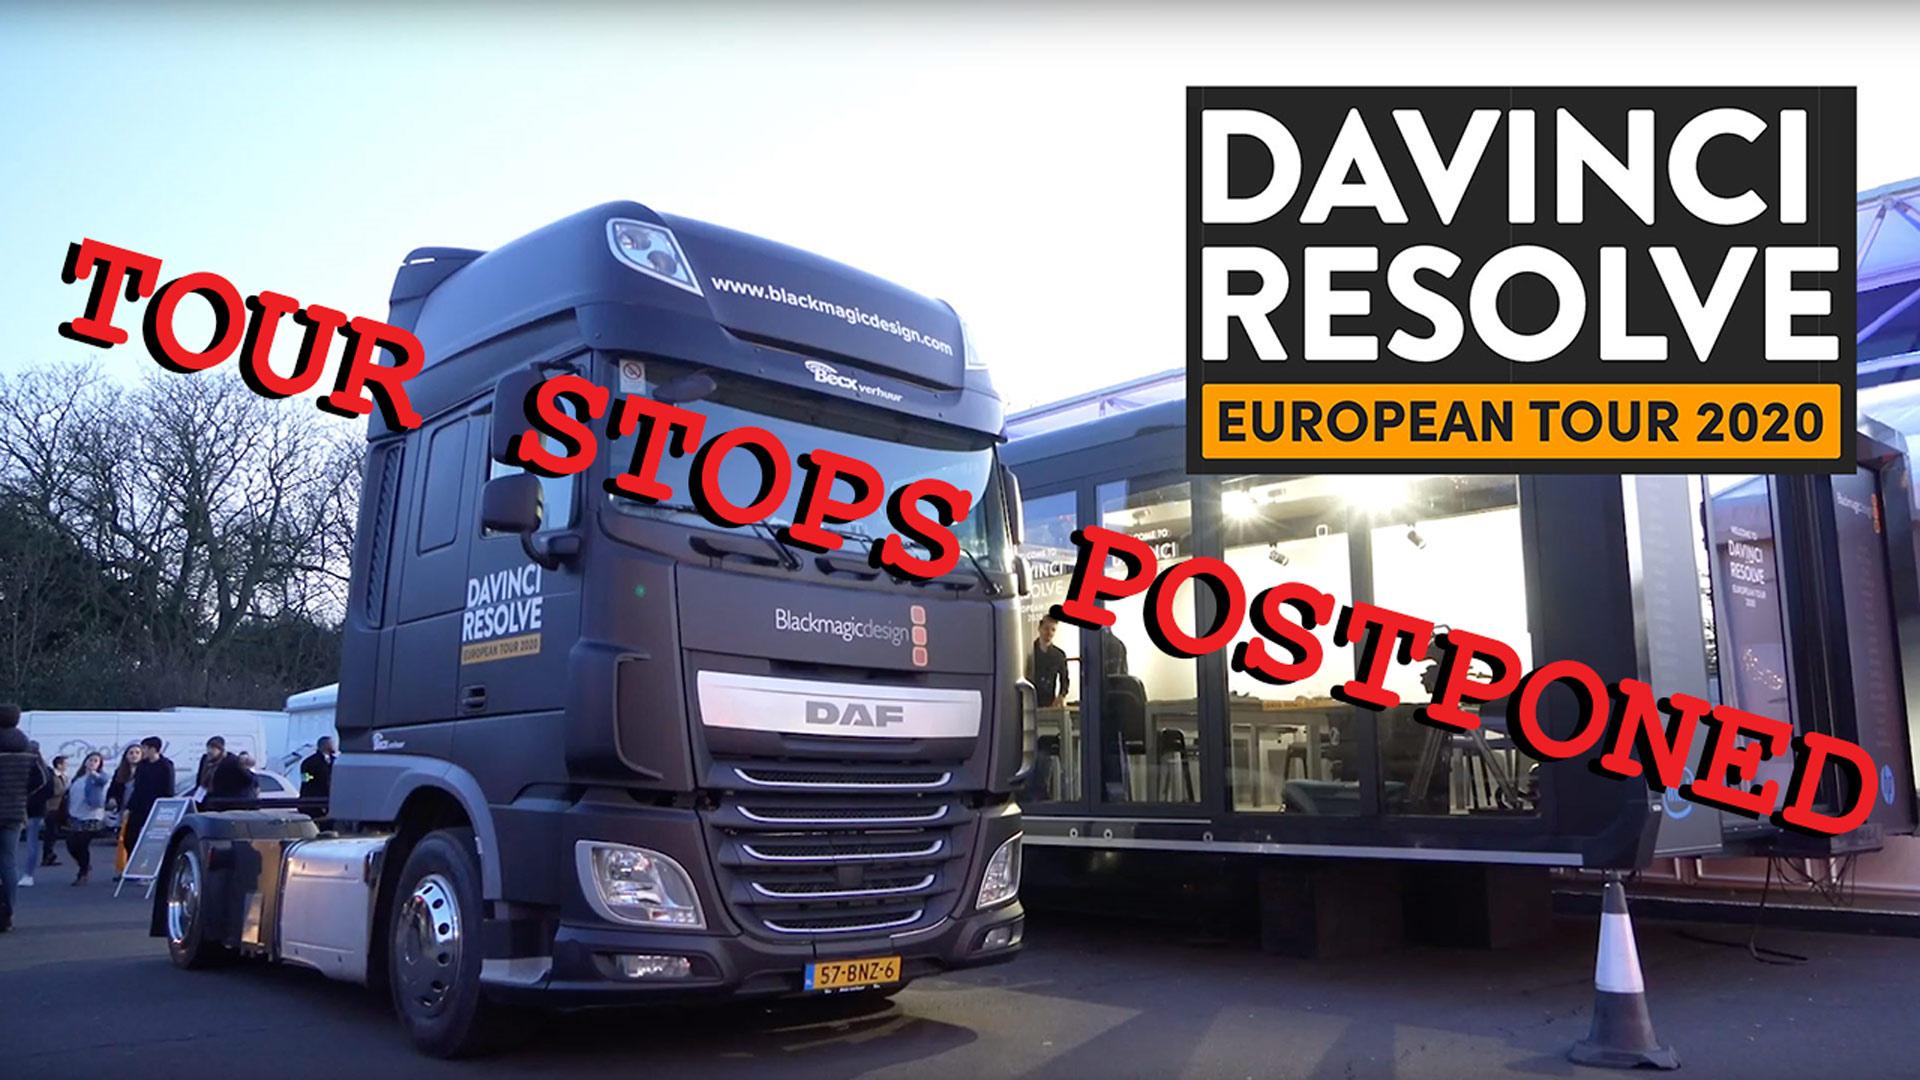 Tour Europeo de DaVinci Resolve 2020 - Algunas paradas de la gira pospuestas debido al coronavirus